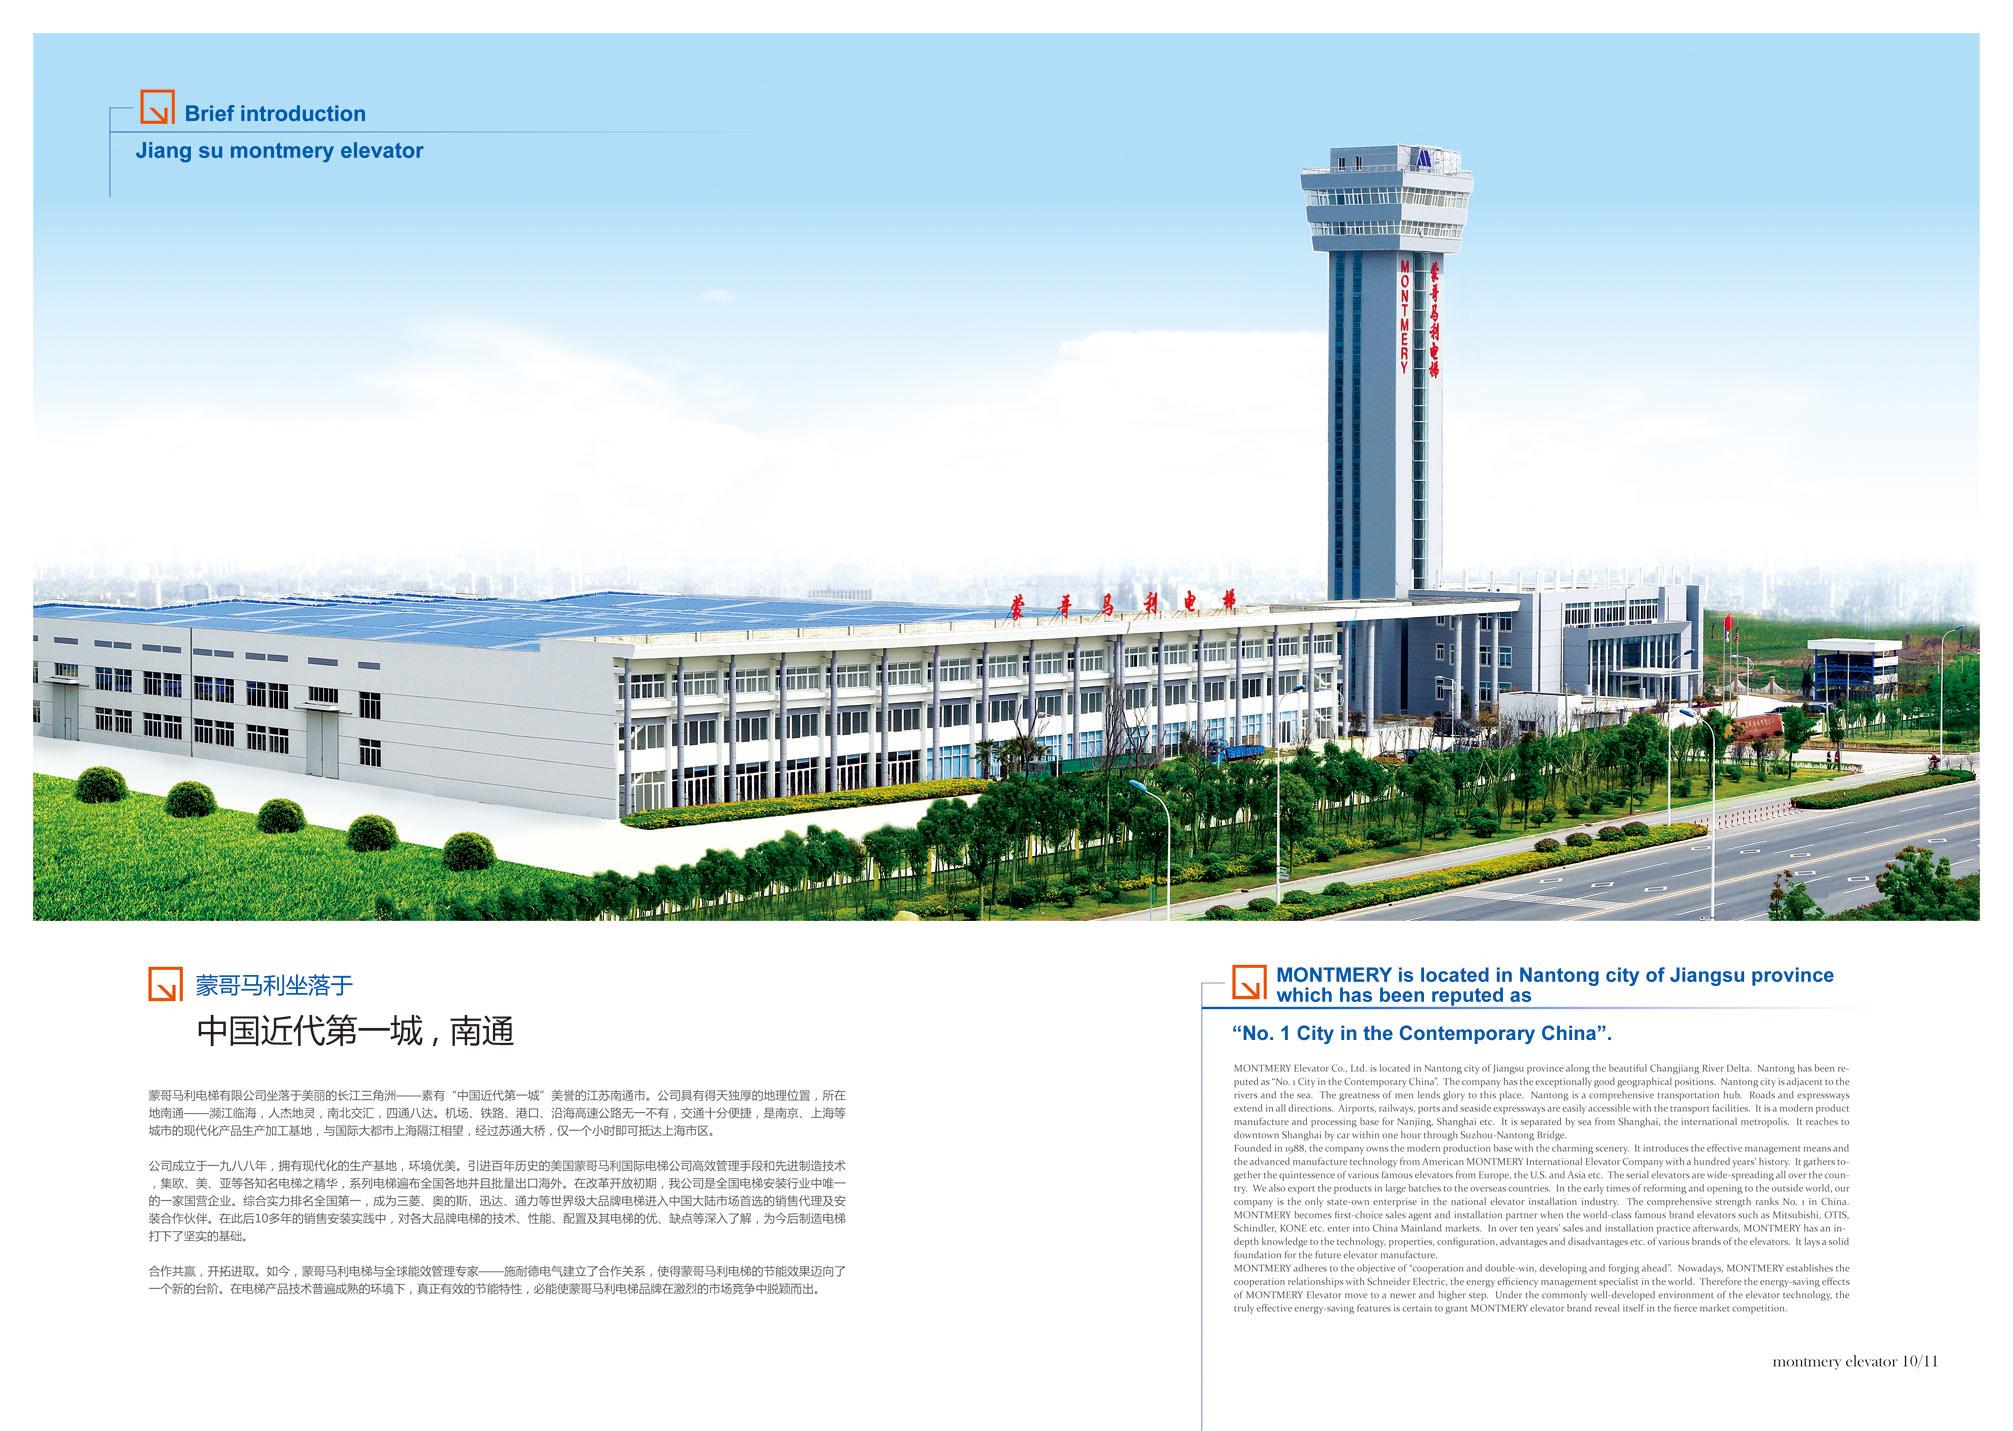 江苏蒙哥马利电梯有限公司南京分公司